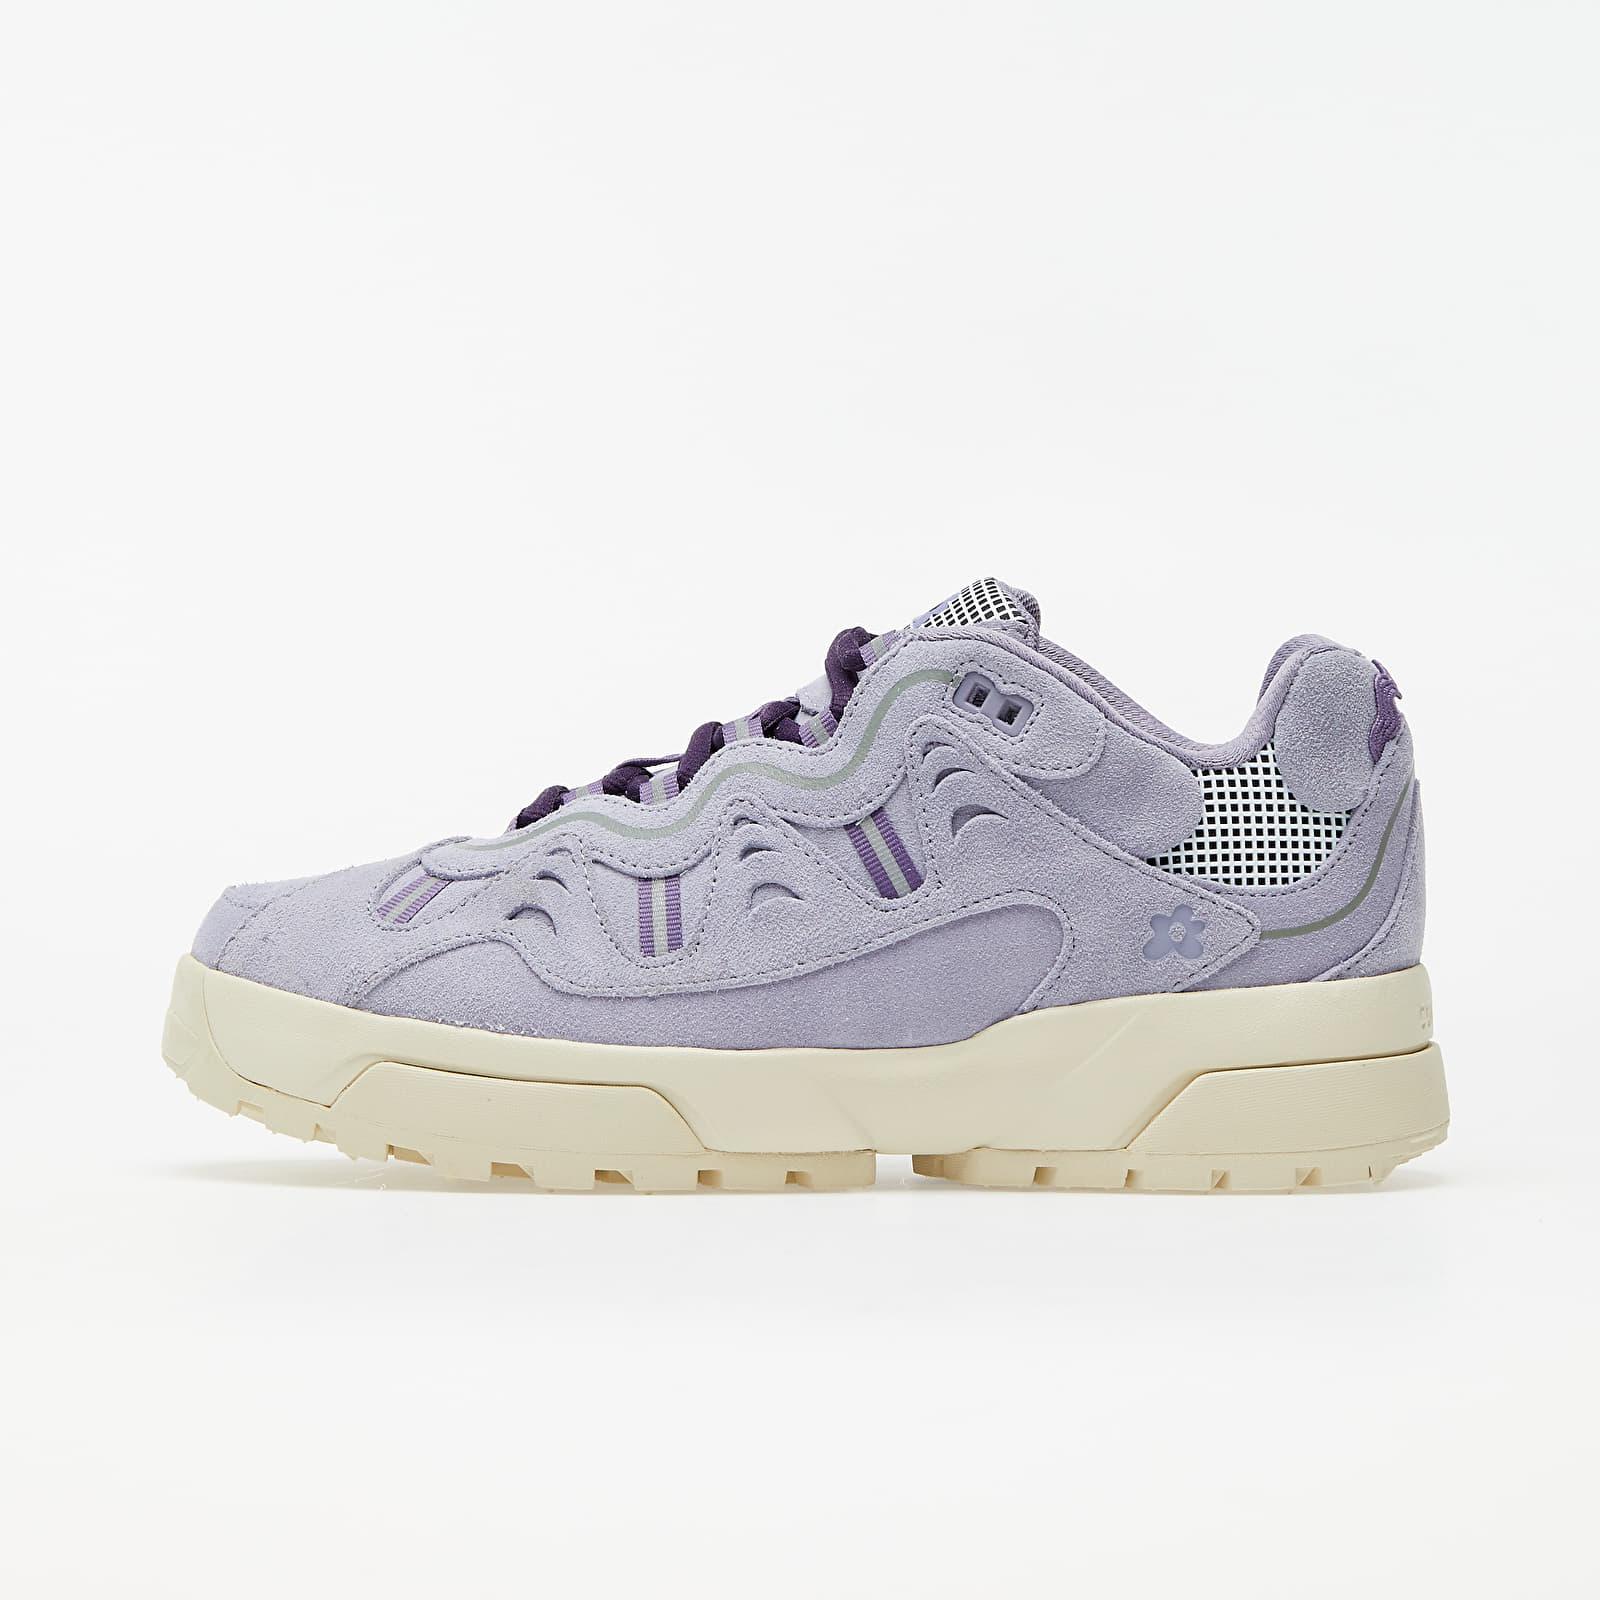 Men's shoes Converse x Golf Le Fleur Gianno OX Lavender Gray/ White Asparagus